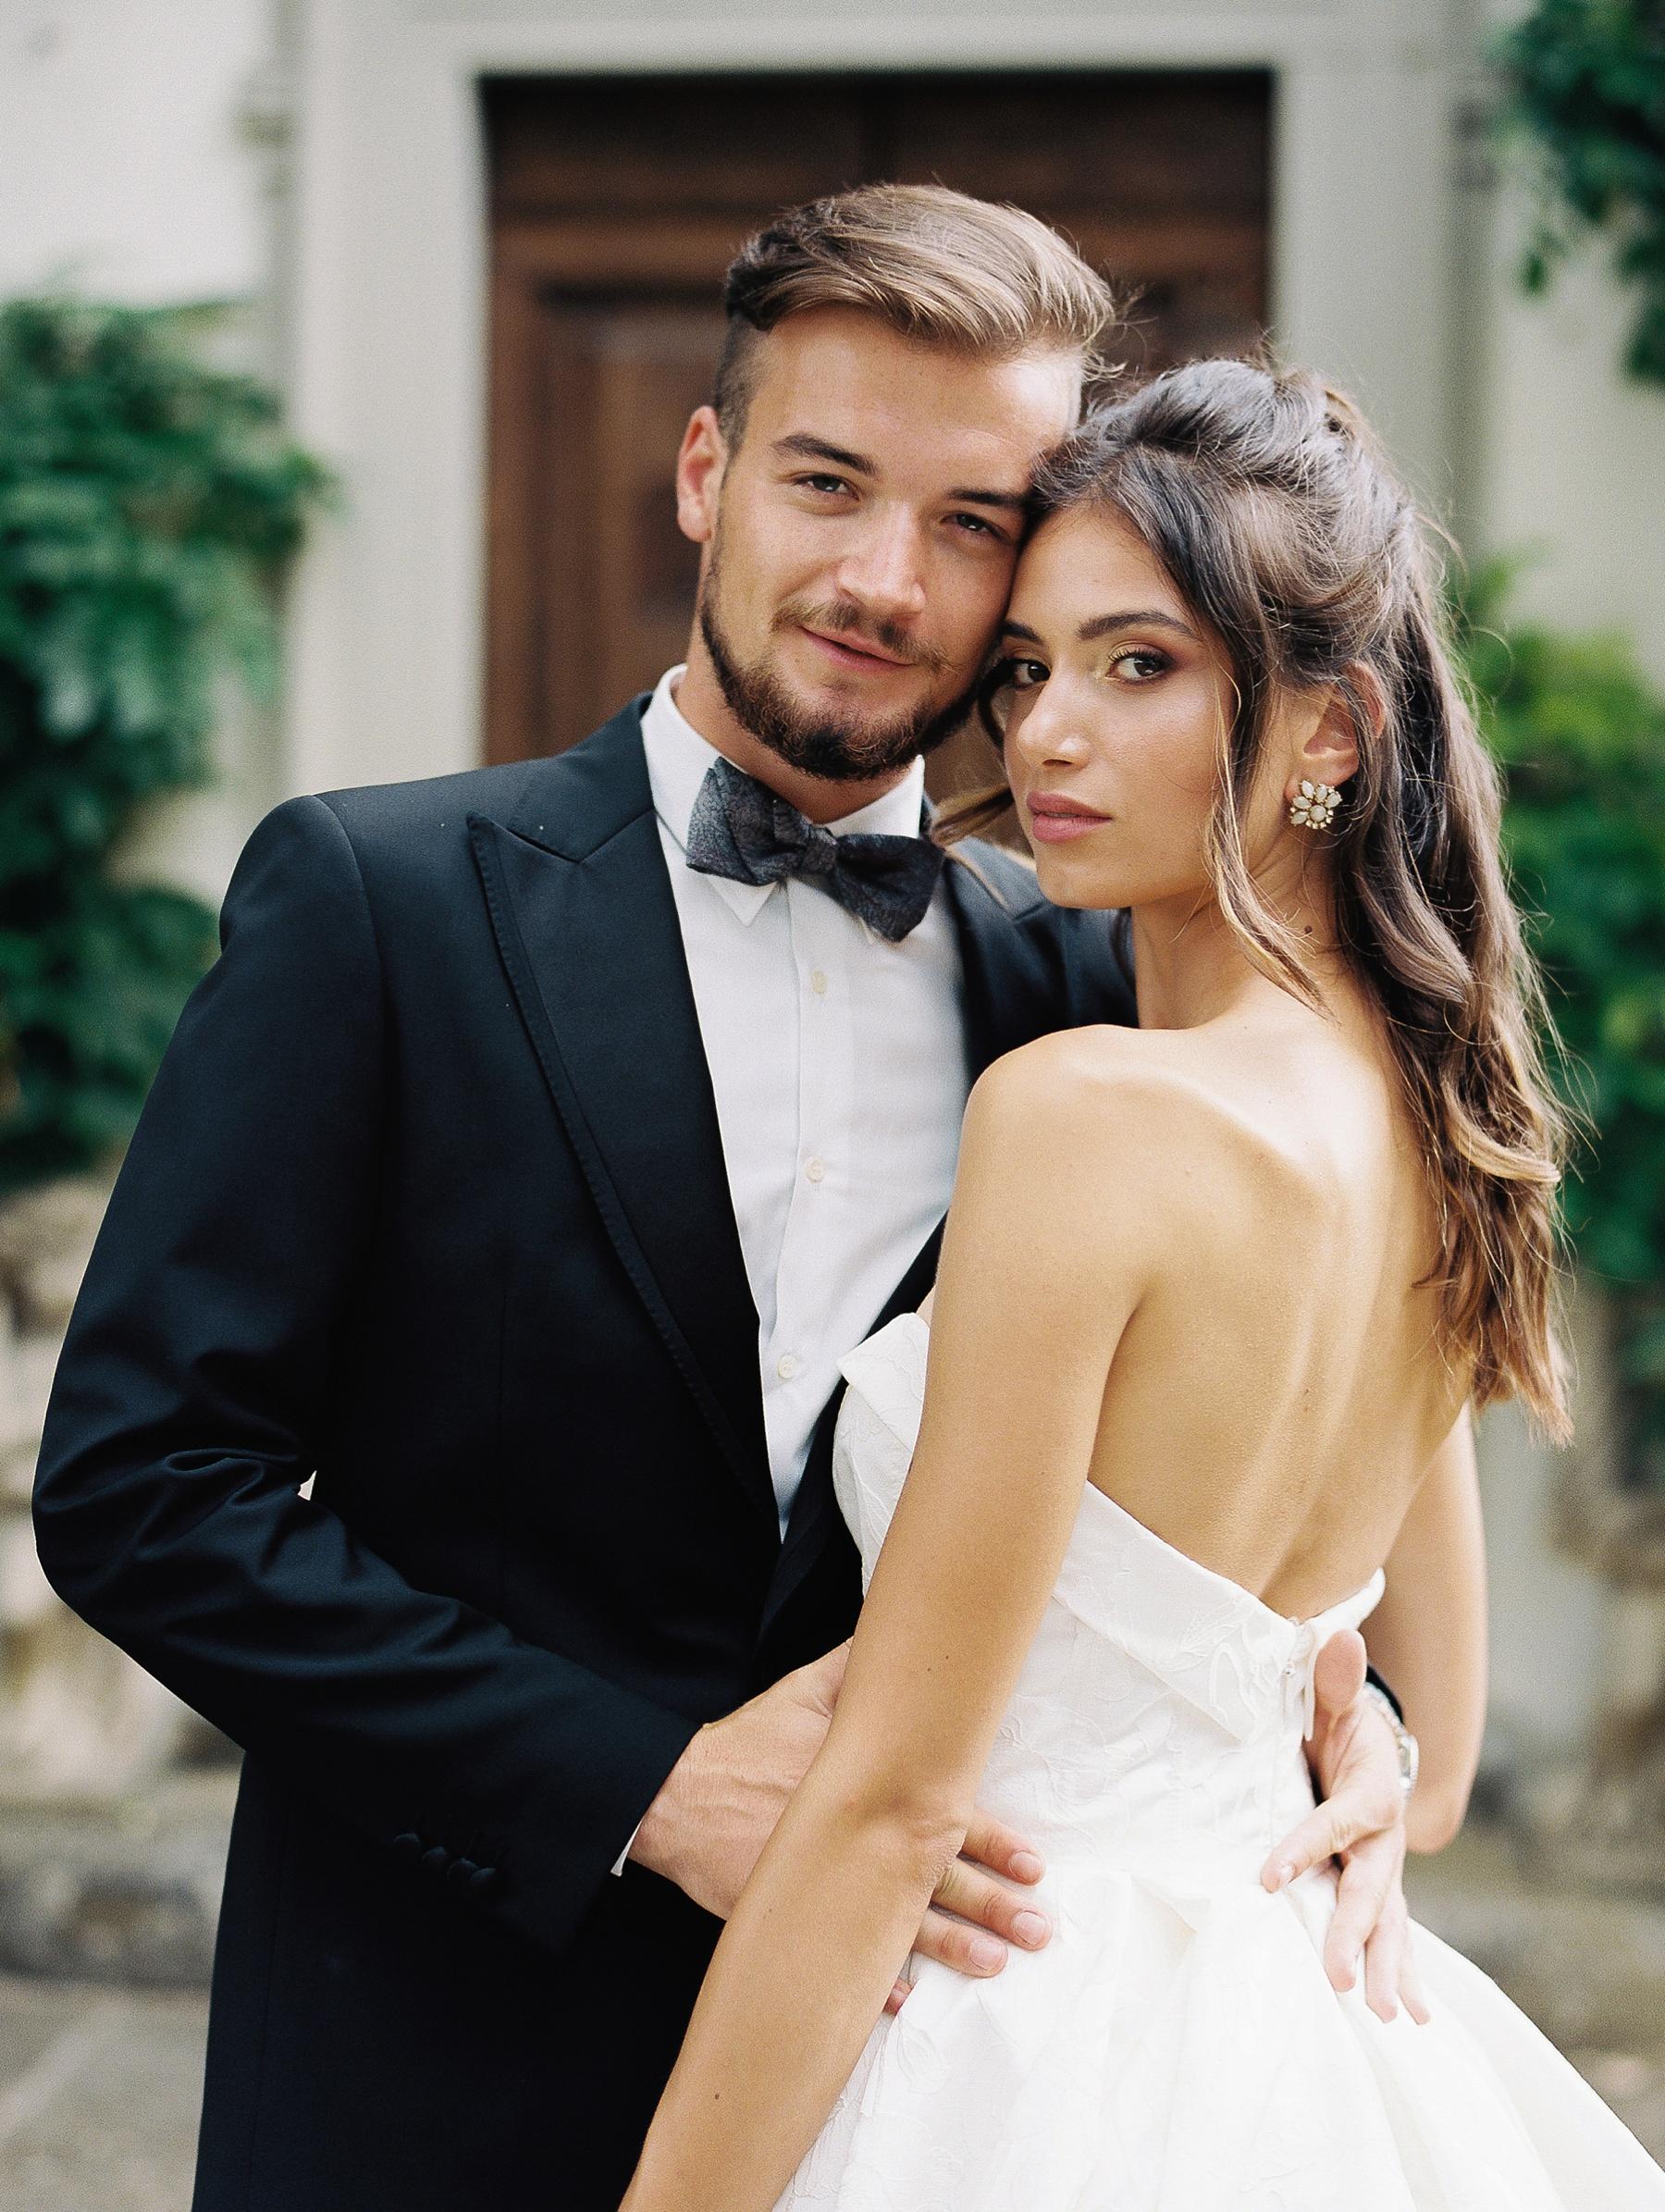 Il Borro Tuscany Italy Wedding Photographer_0837.jpg